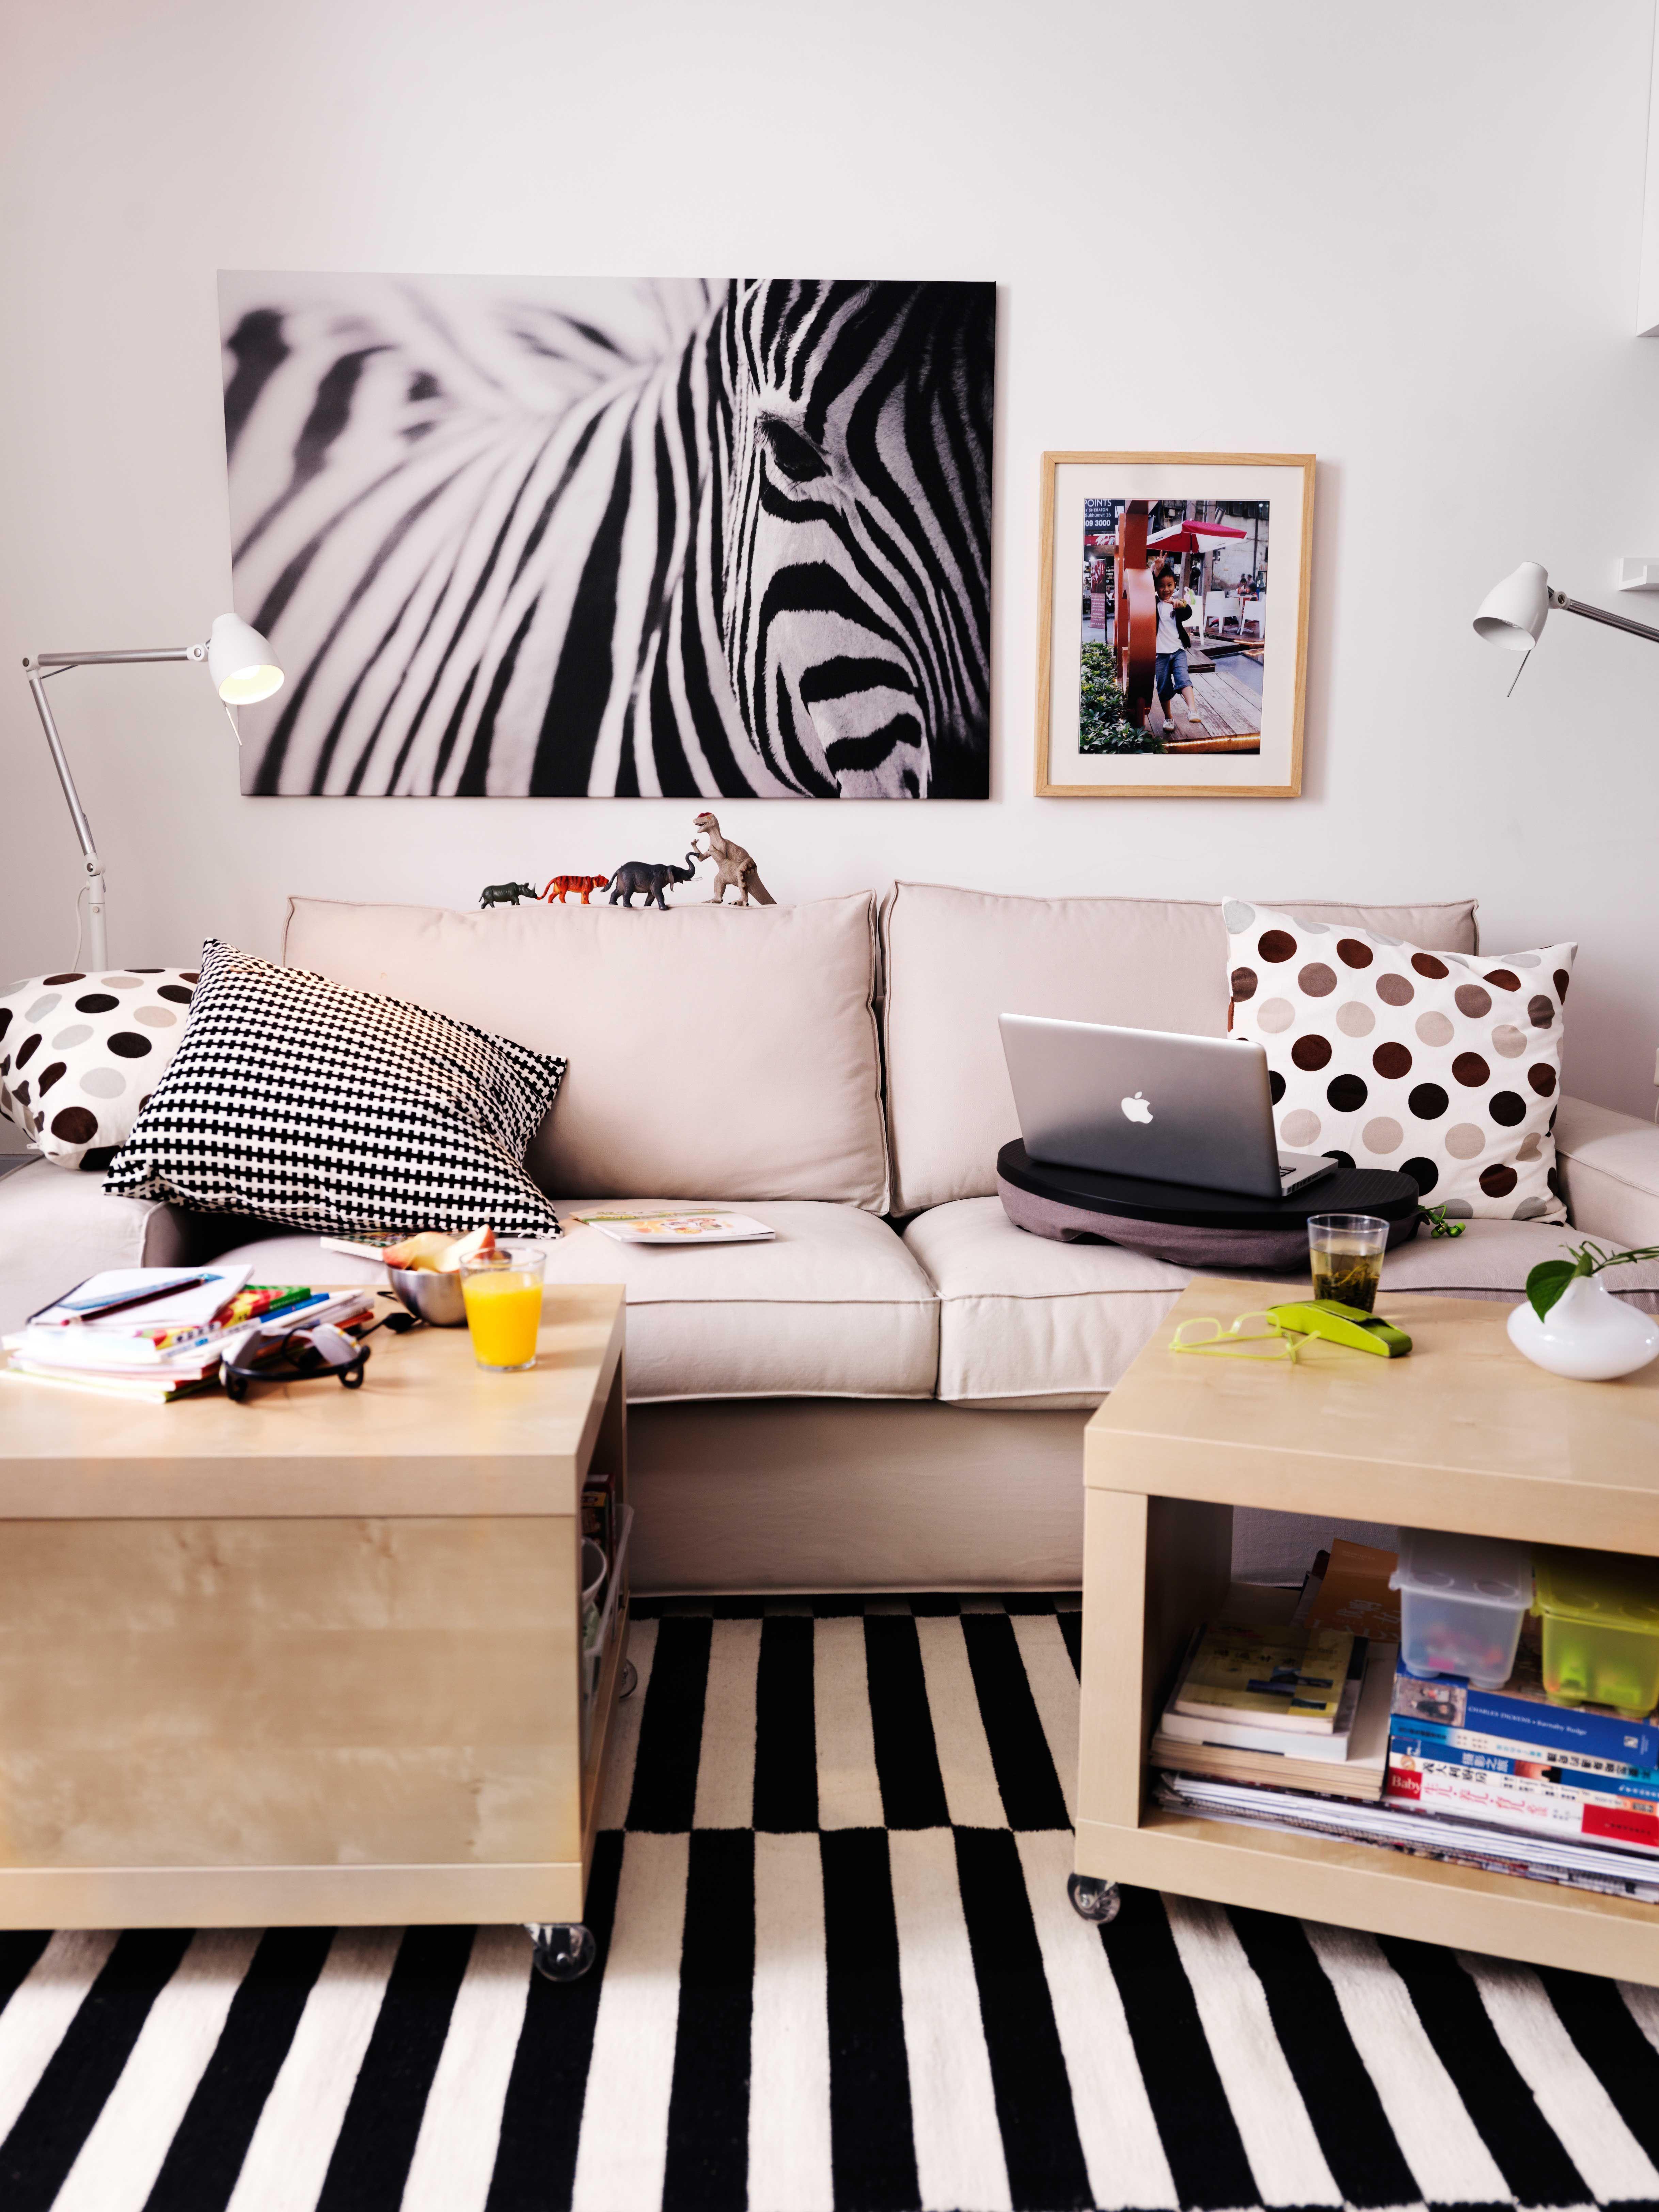 IKEA KIVIK Rcamiere Mit Bezug Tullinge In Graubraun VEJMON Beistelltisch Schwarzbraun Langflorigem GSER Teppich Graublau Und MERETE